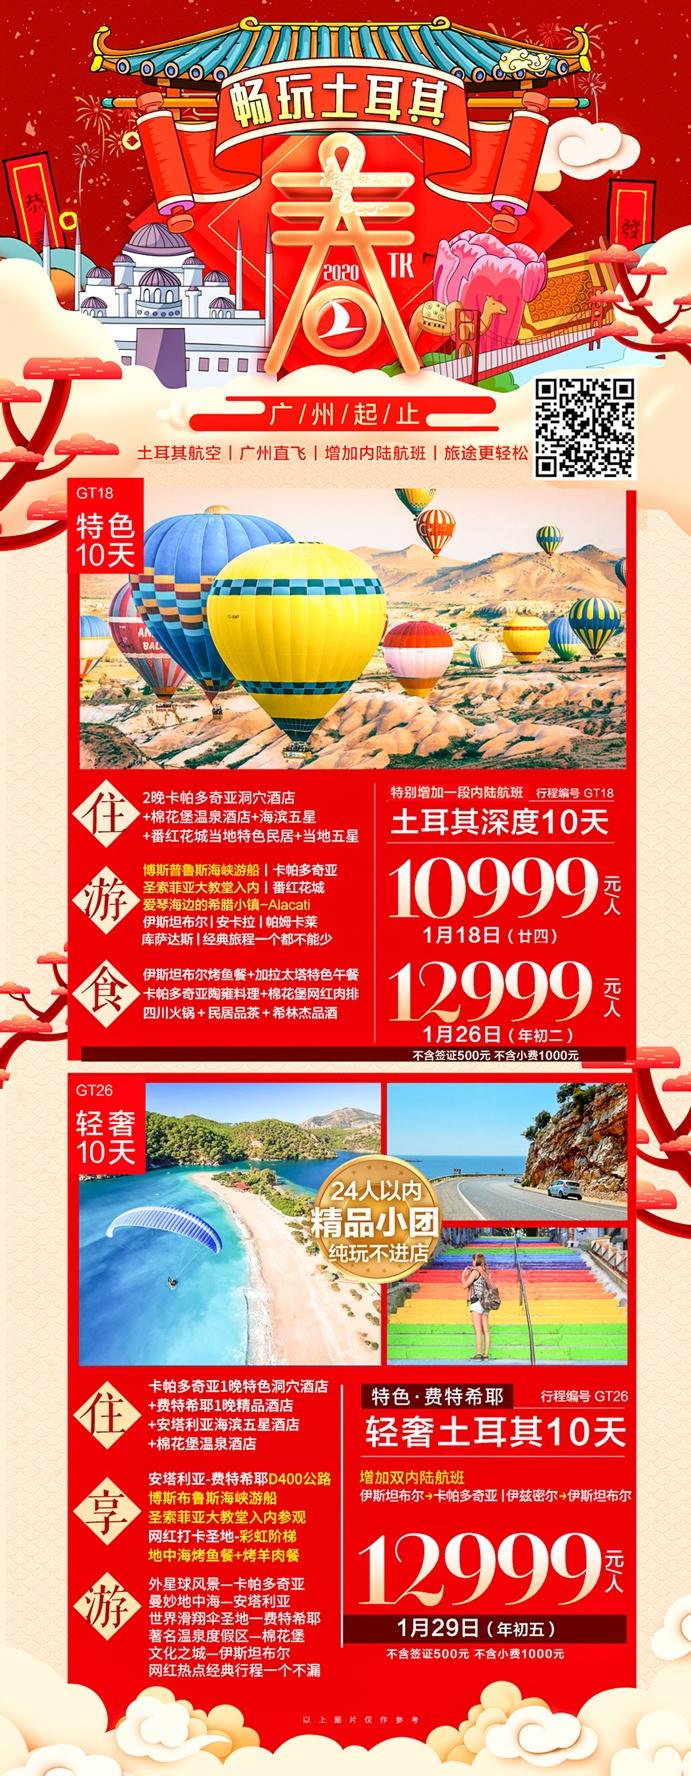 皇家旅游賴靜 13710217454.jpg